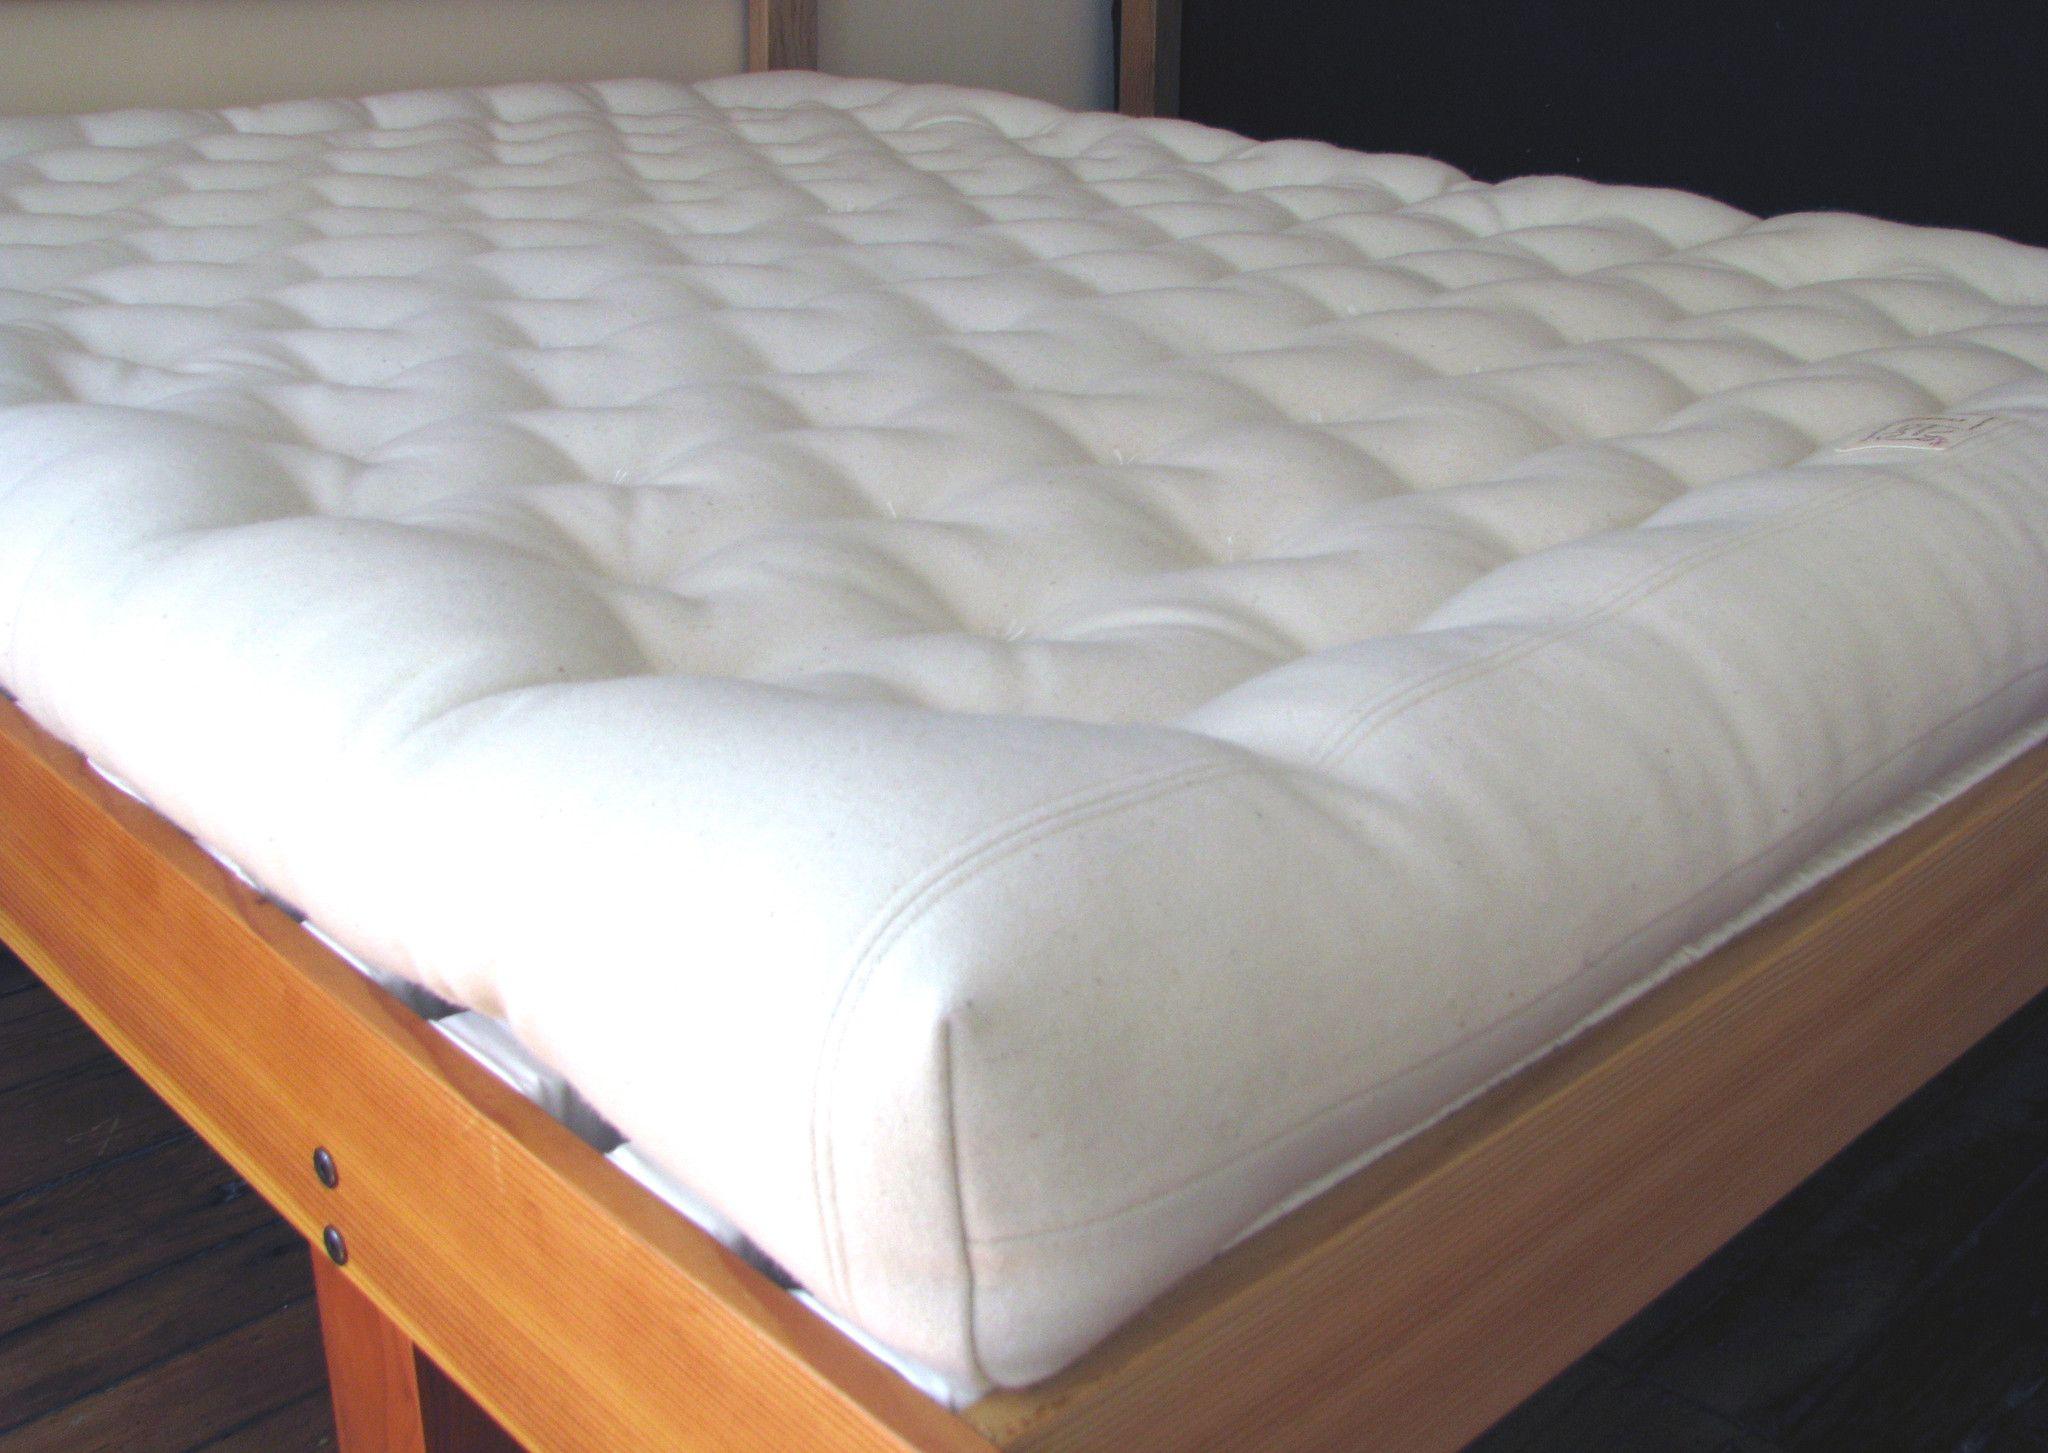 Natural Mattress All Wool Mattress, Diy mattress, Baby